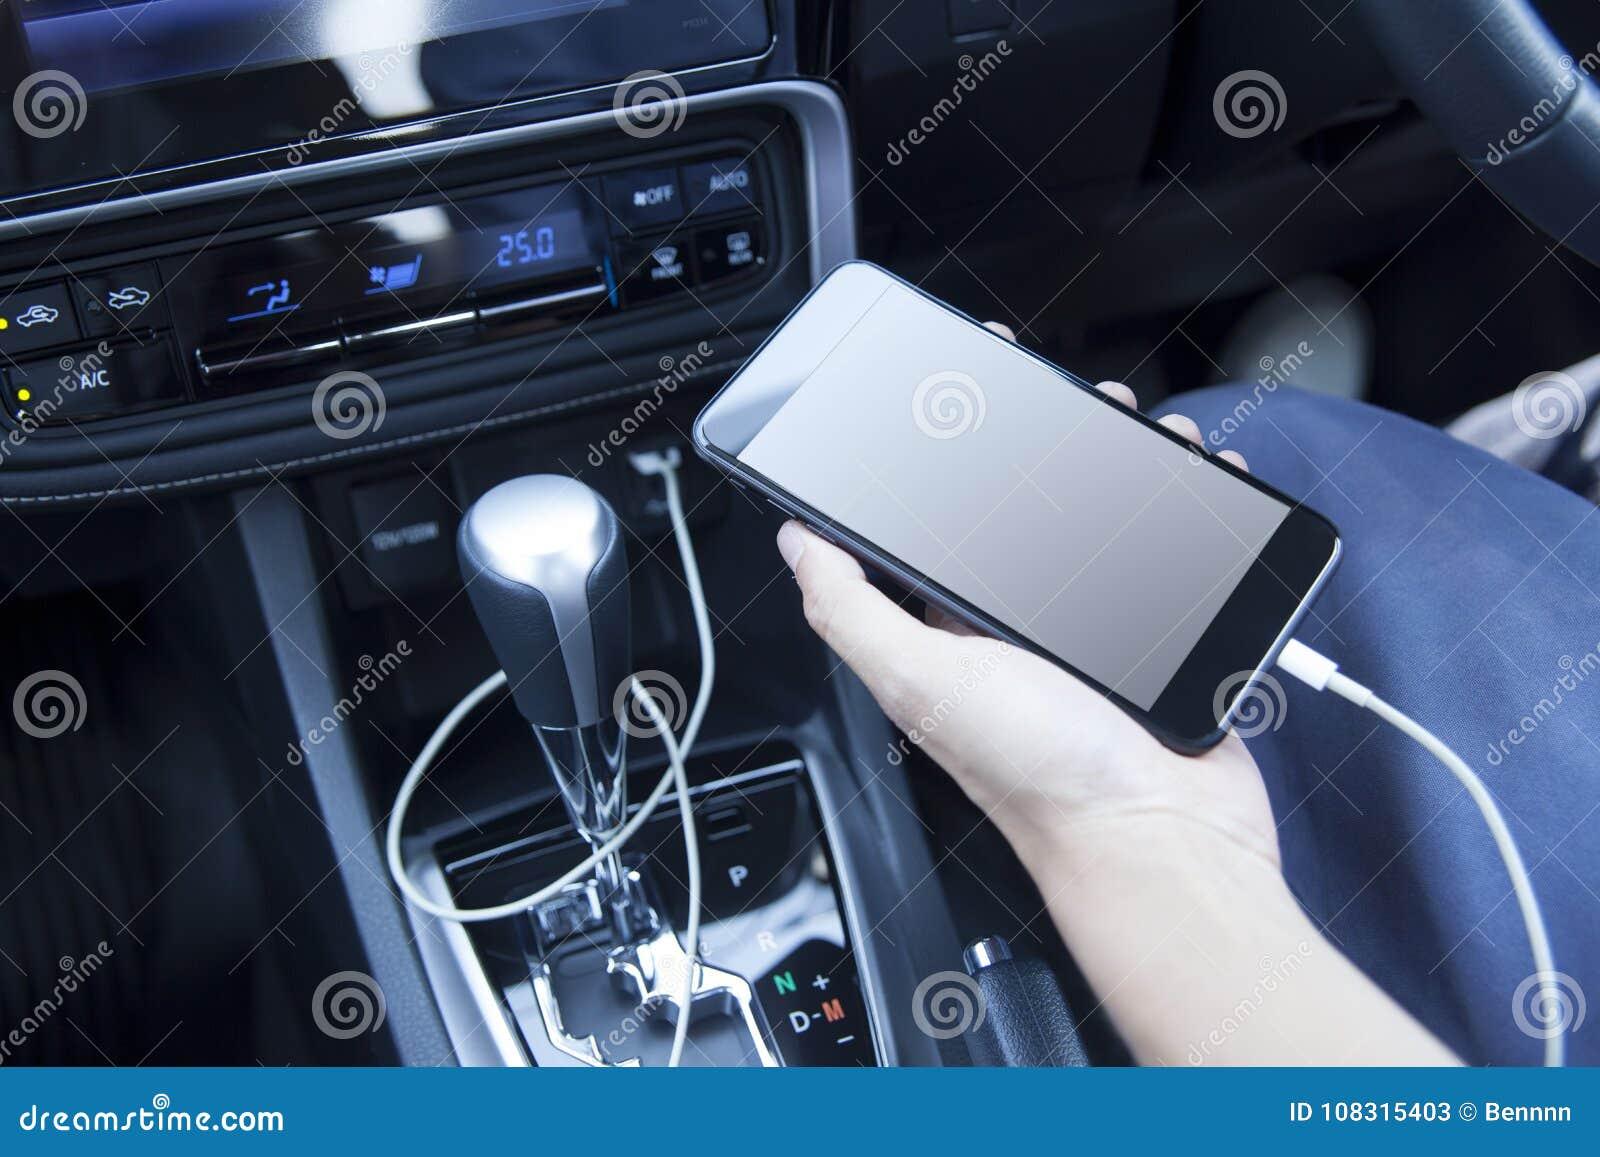 Smartphone in een autogebruik voor Navigate of GPS